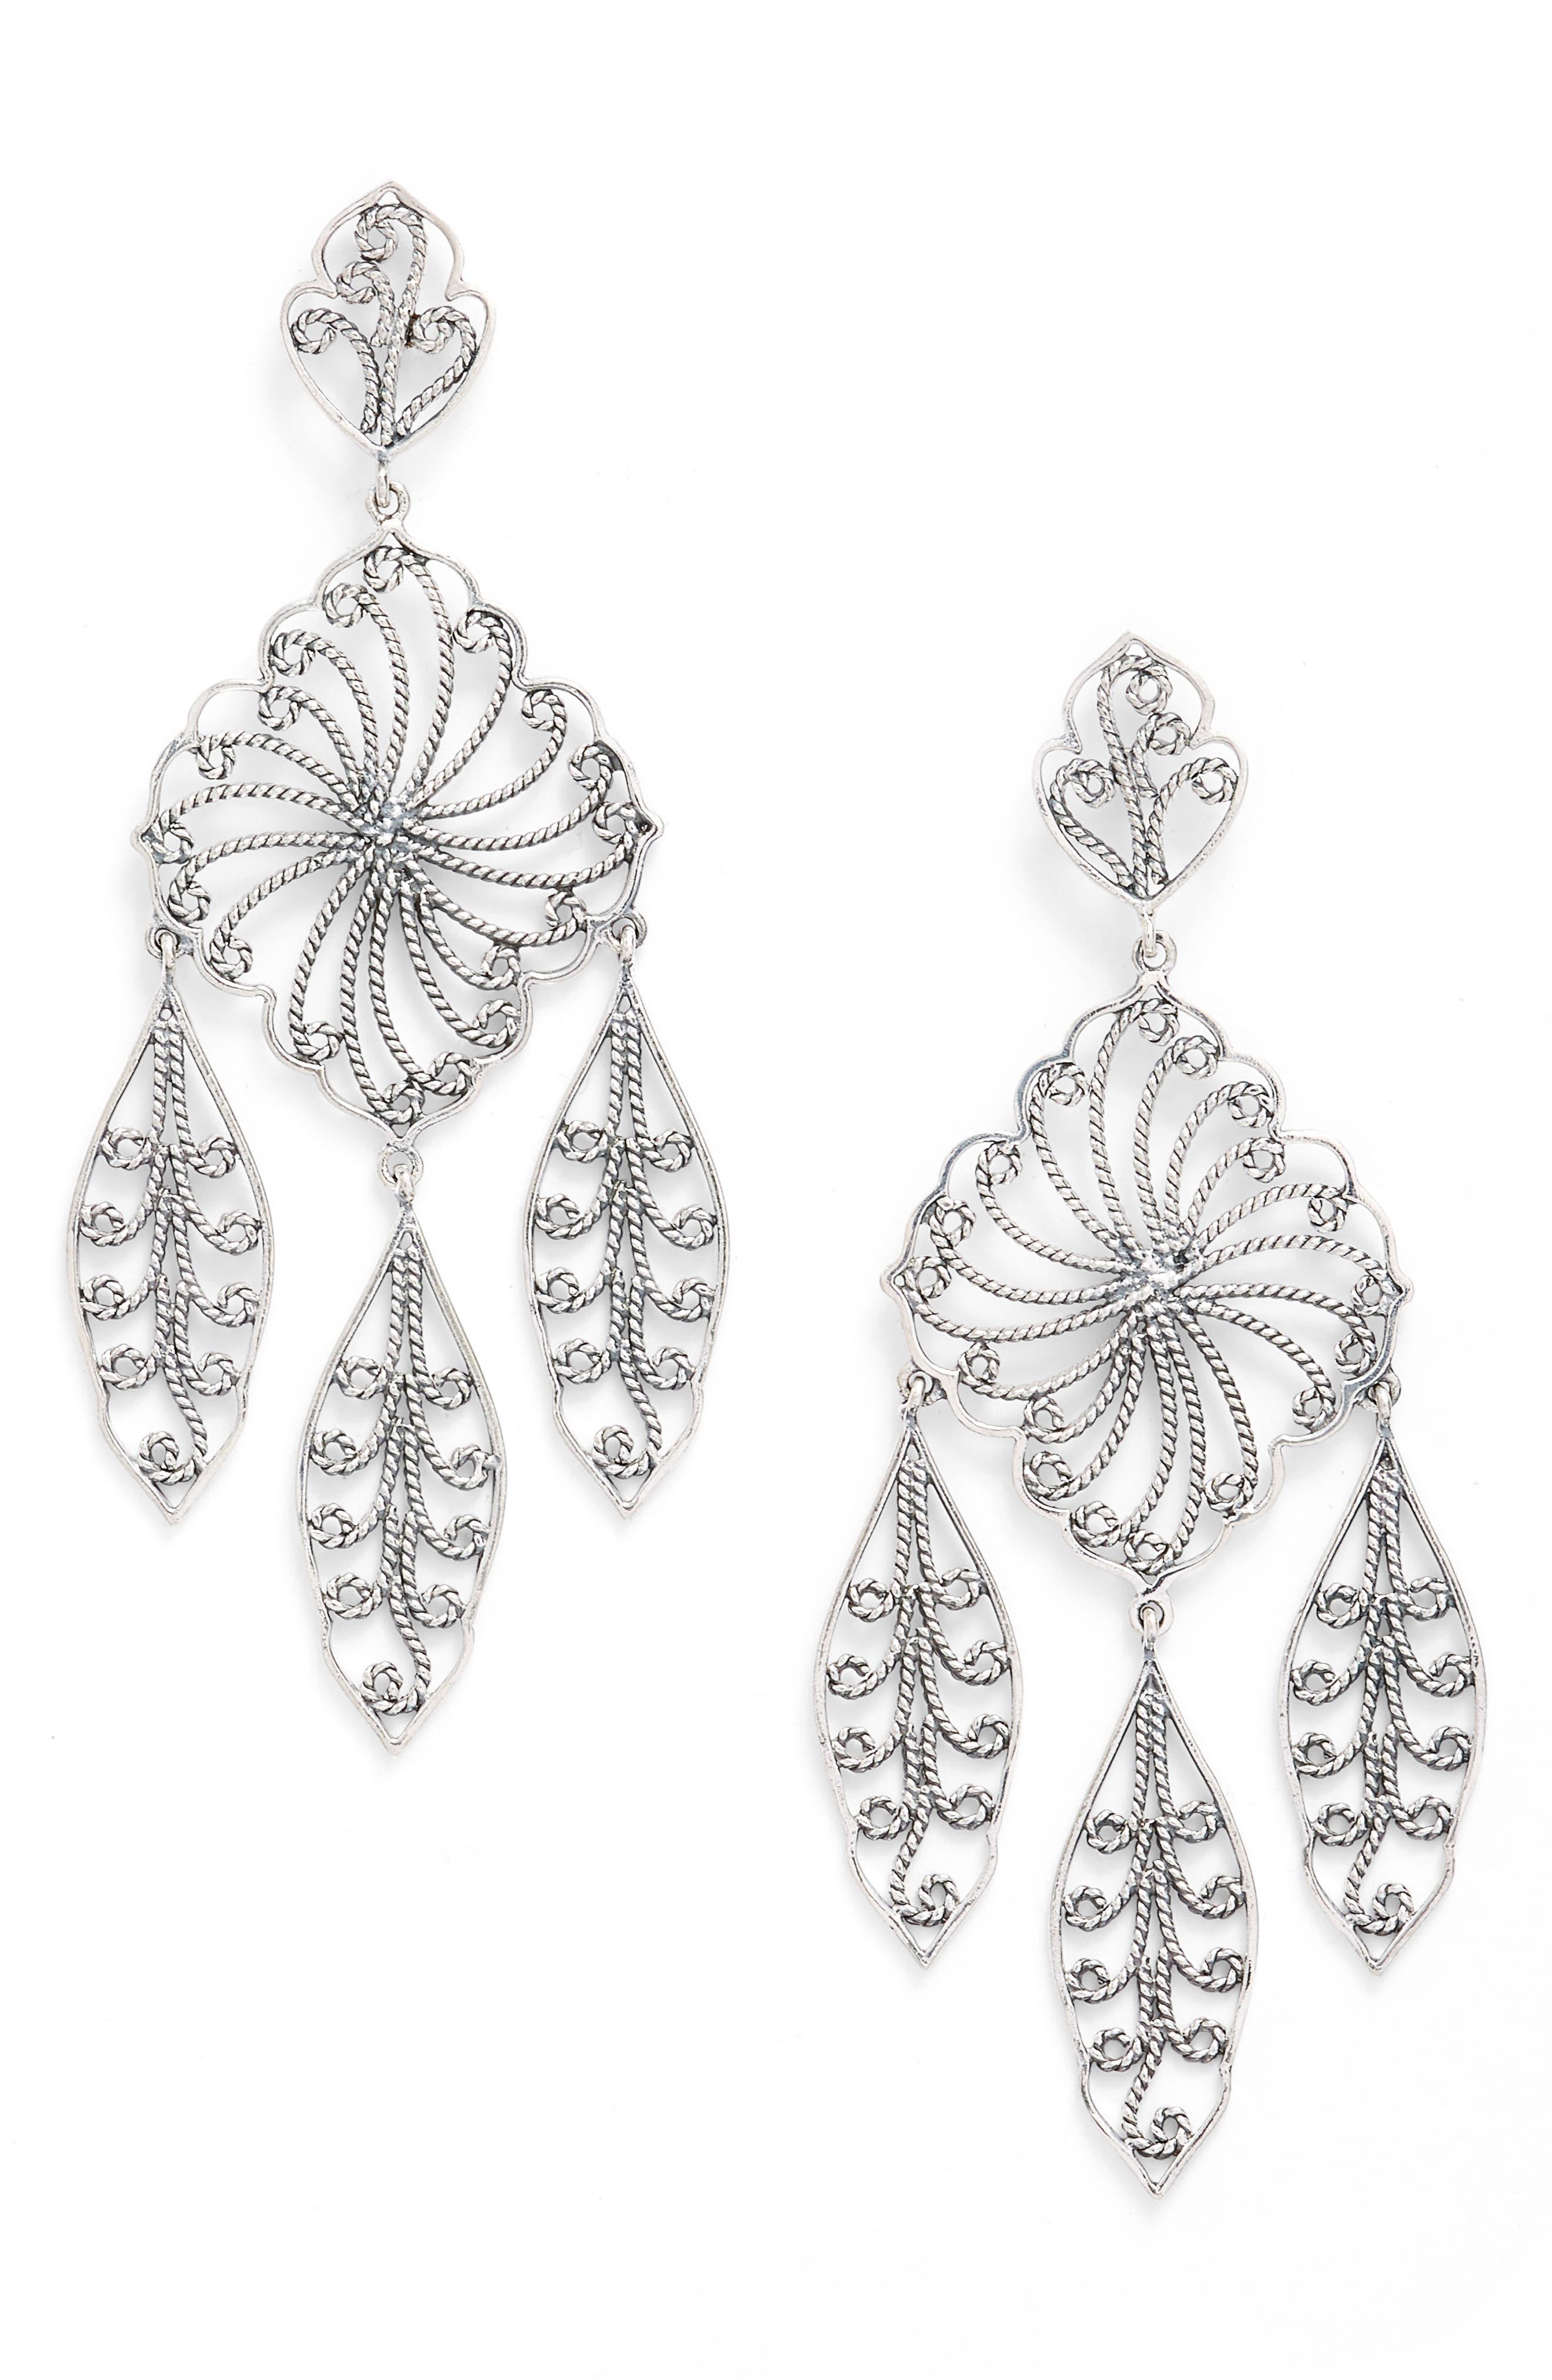 Argento Vivo Statement Earrings For Women Nordstrom